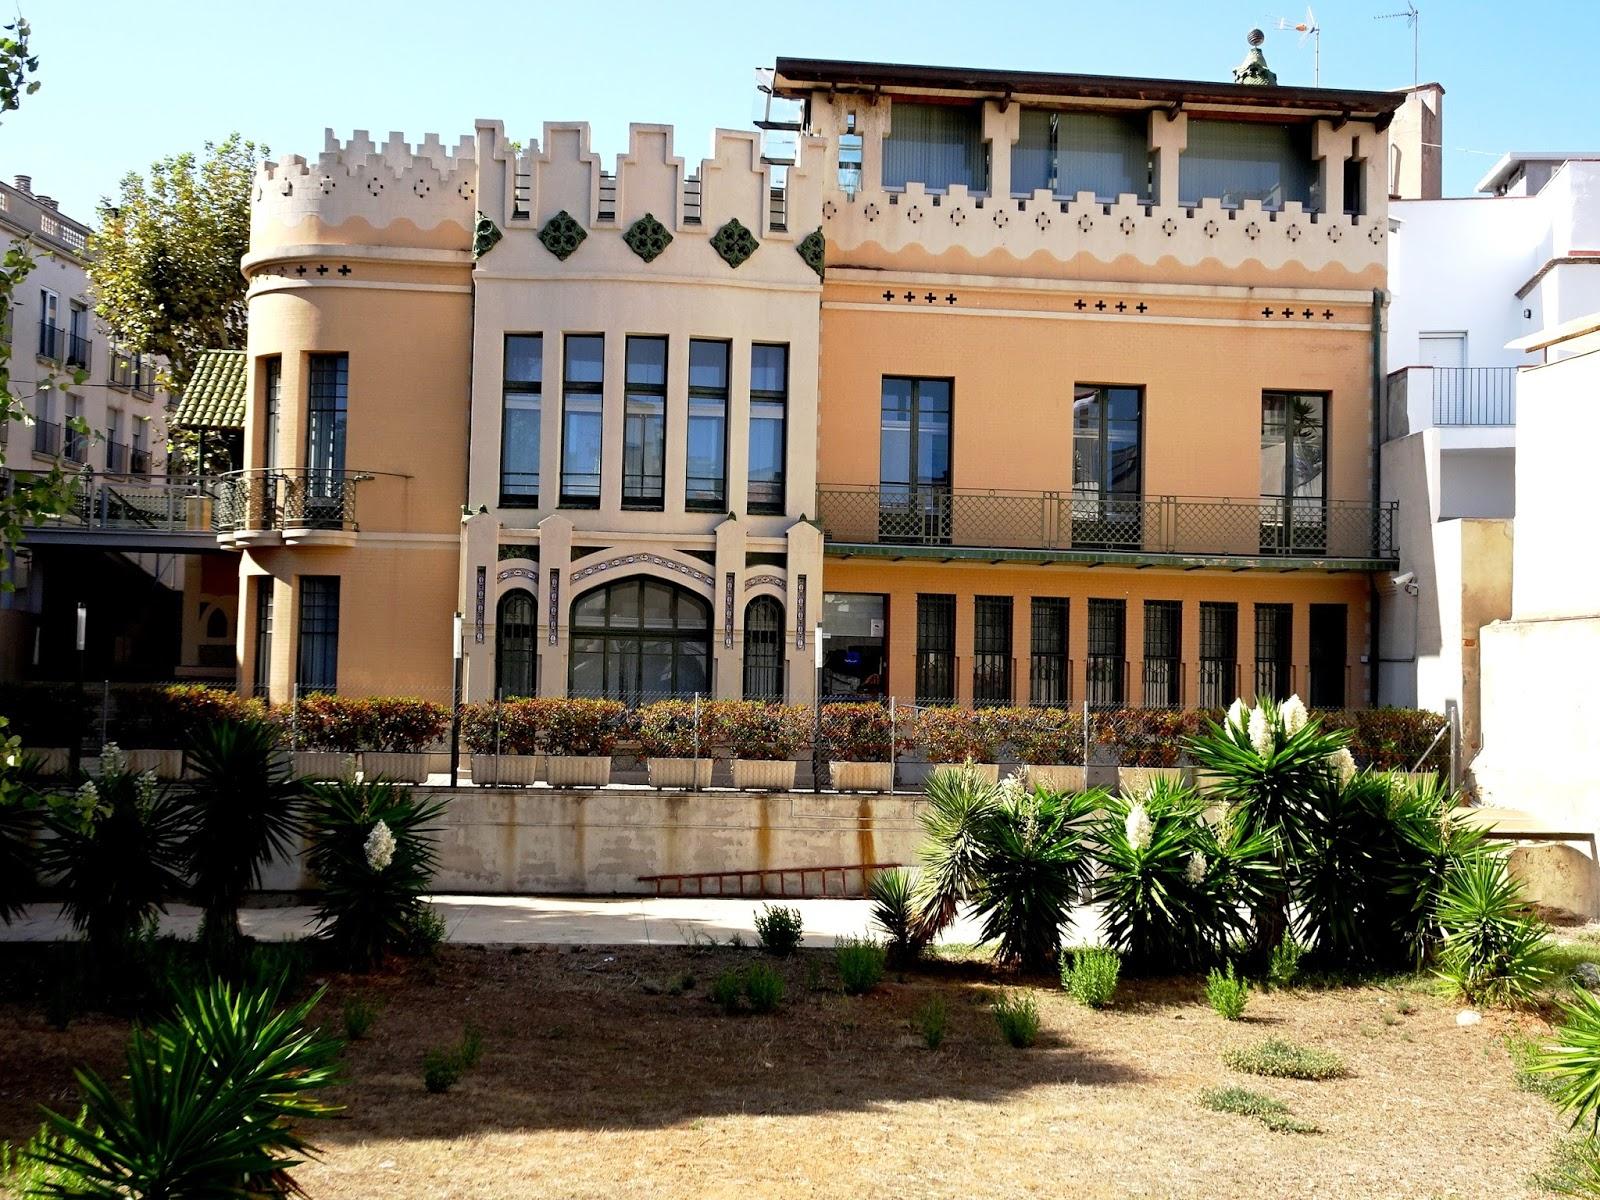 Redescubriendo barcelona y m s all 02 09 2017 badalona ca l 39 amig ii - Casa jardin badalona ...